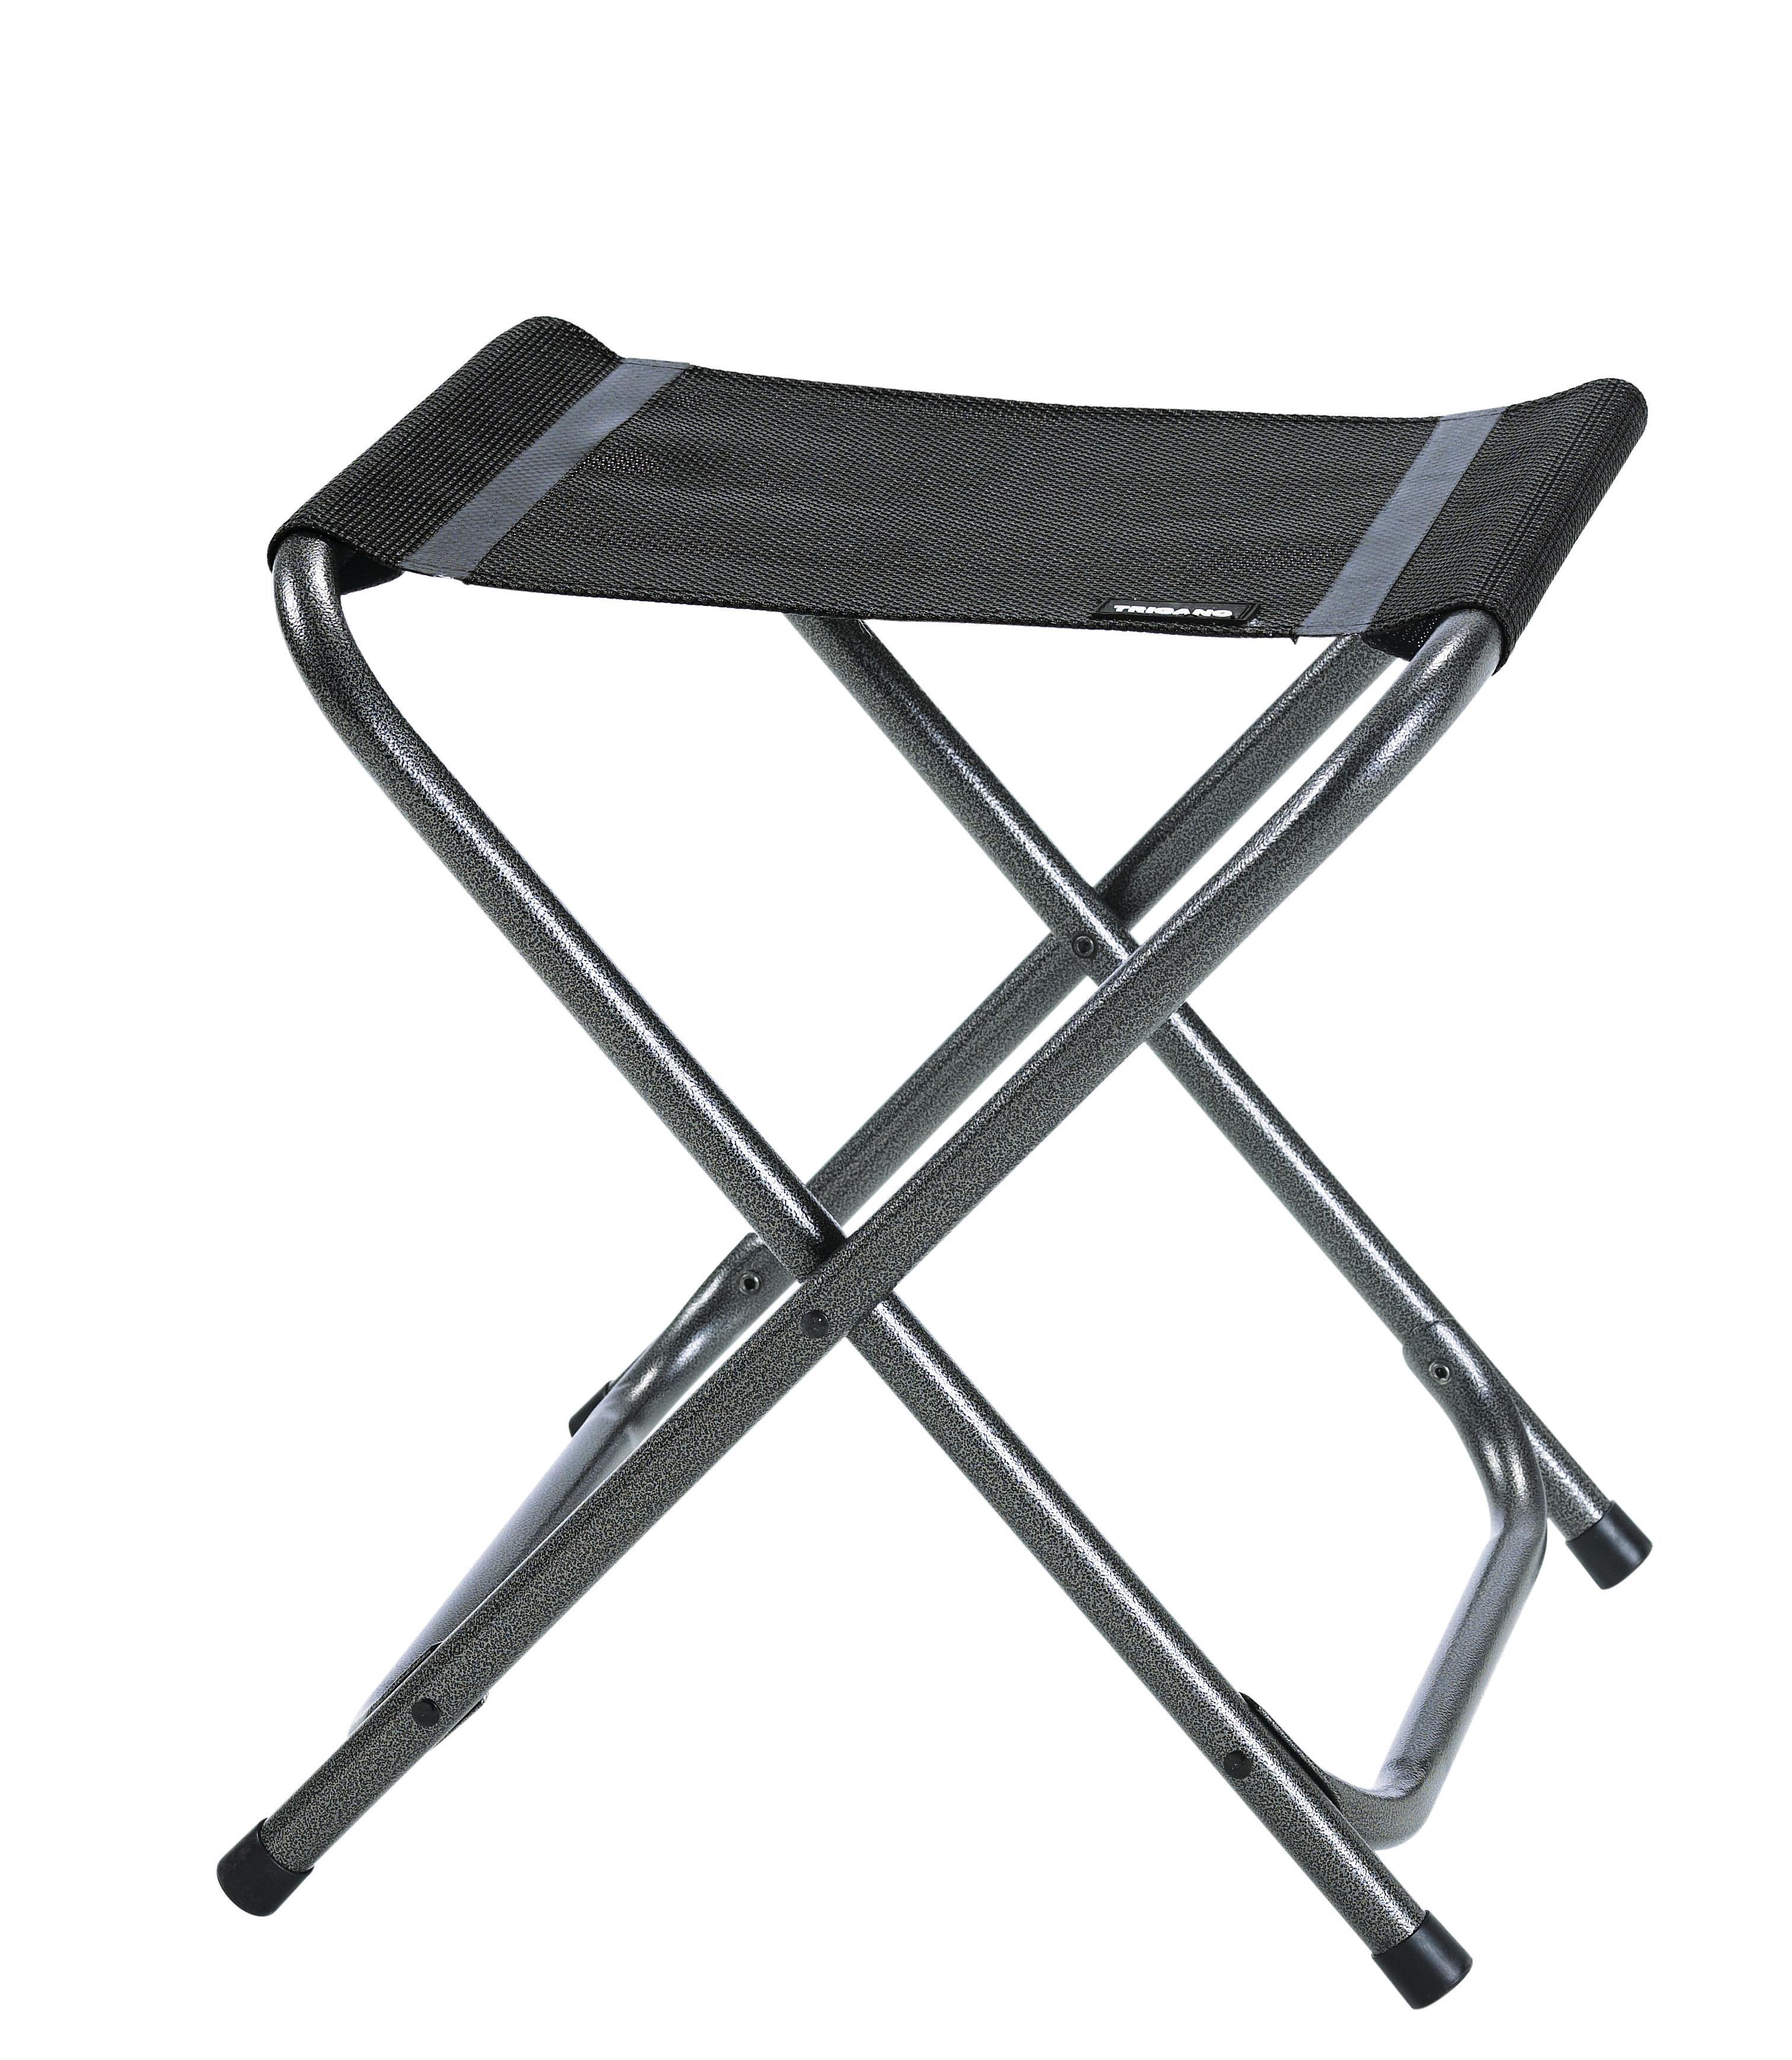 tabouret pliant vip m m040y22 boutique supermarket caravanes vente de mobilier de camping et. Black Bedroom Furniture Sets. Home Design Ideas